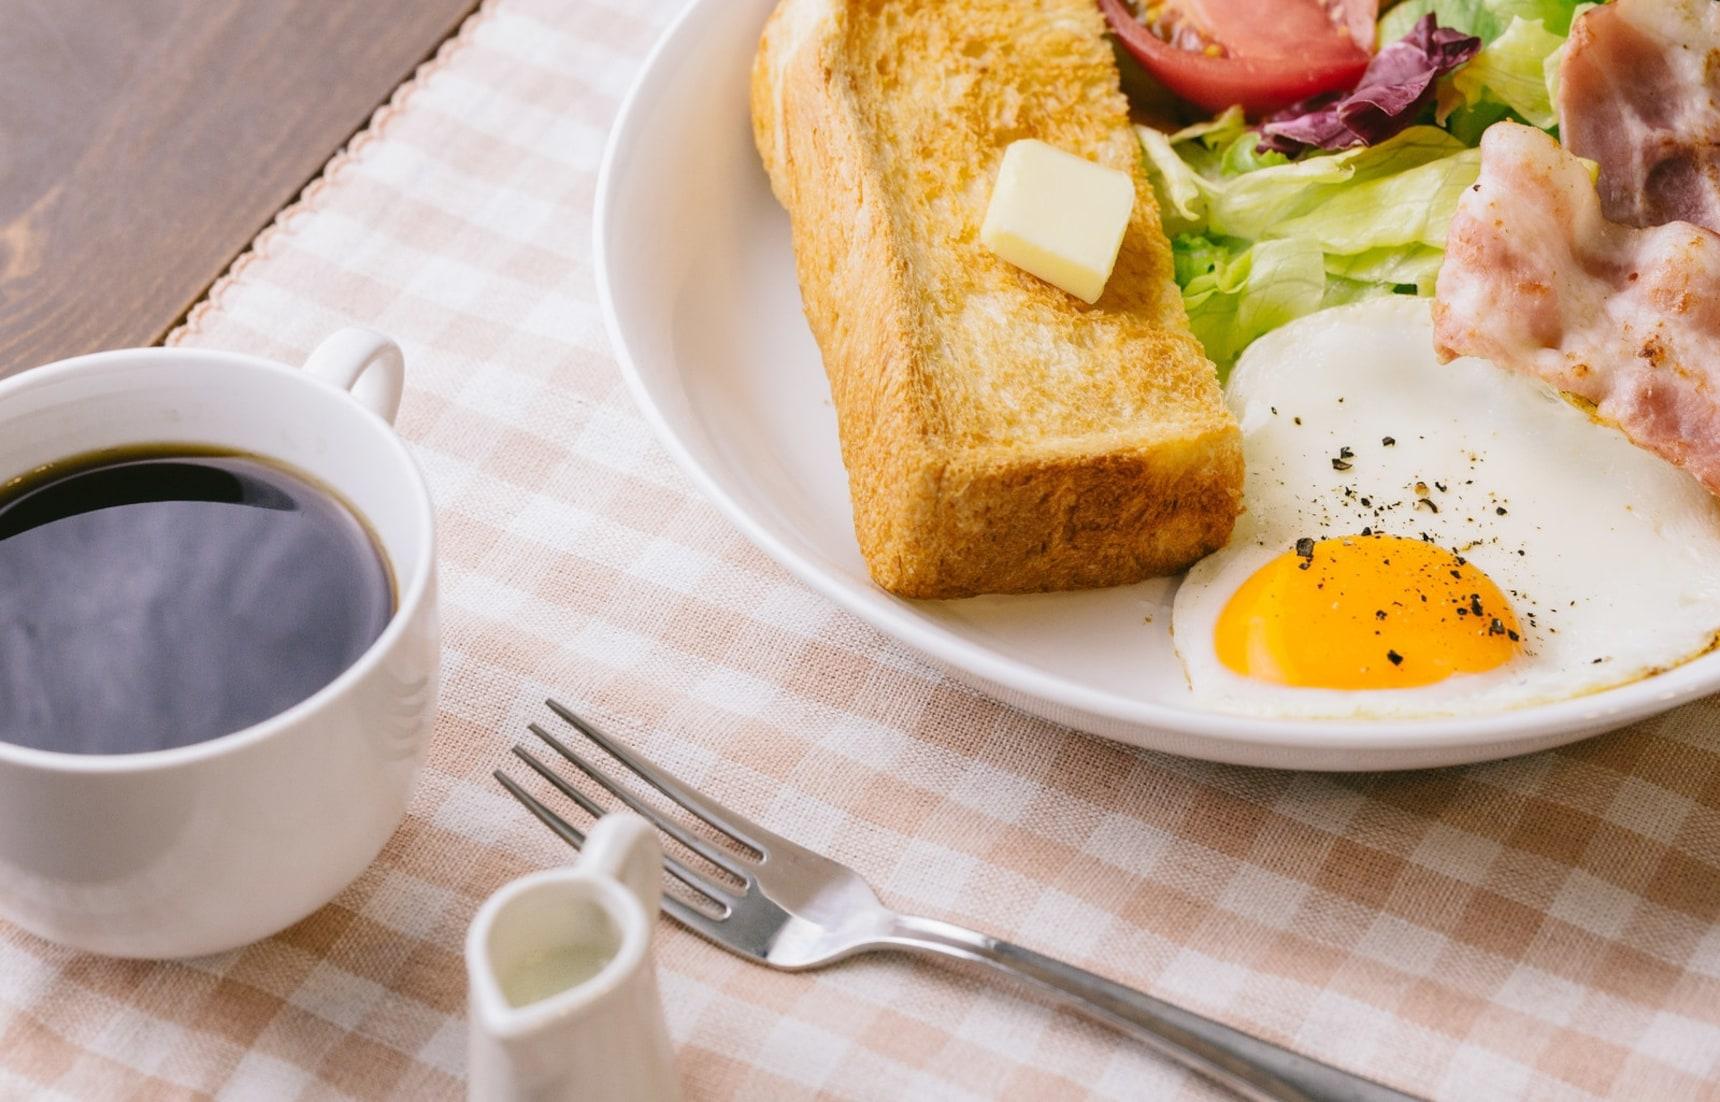 【日本美食】買咖啡送早餐!用銅板價體驗名古屋流喫茶文化